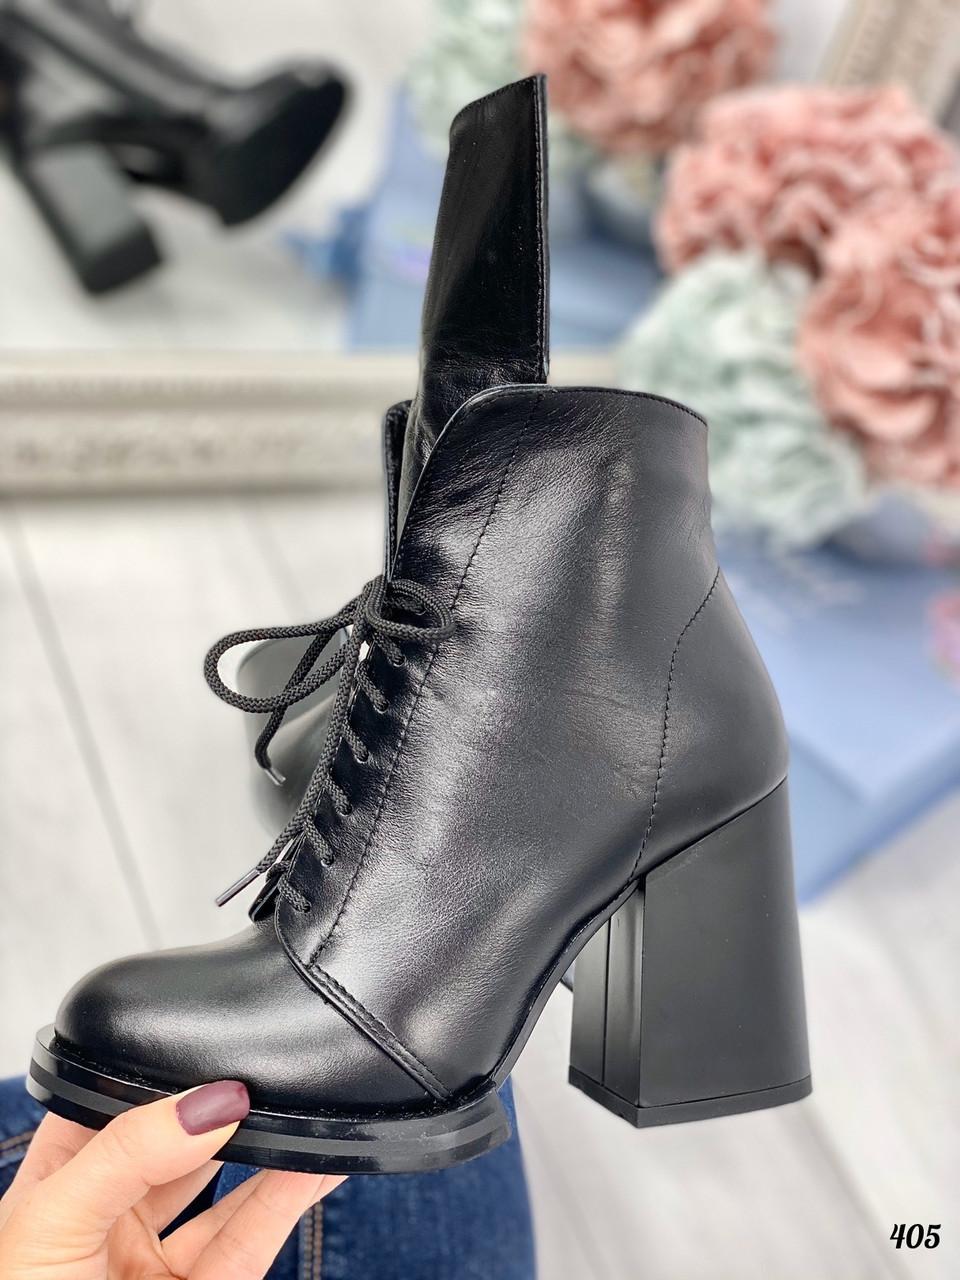 40 р. Ботинки женские зимние черные кожаные на высоком каблуке, из натуральной кожи, натуральная кожа